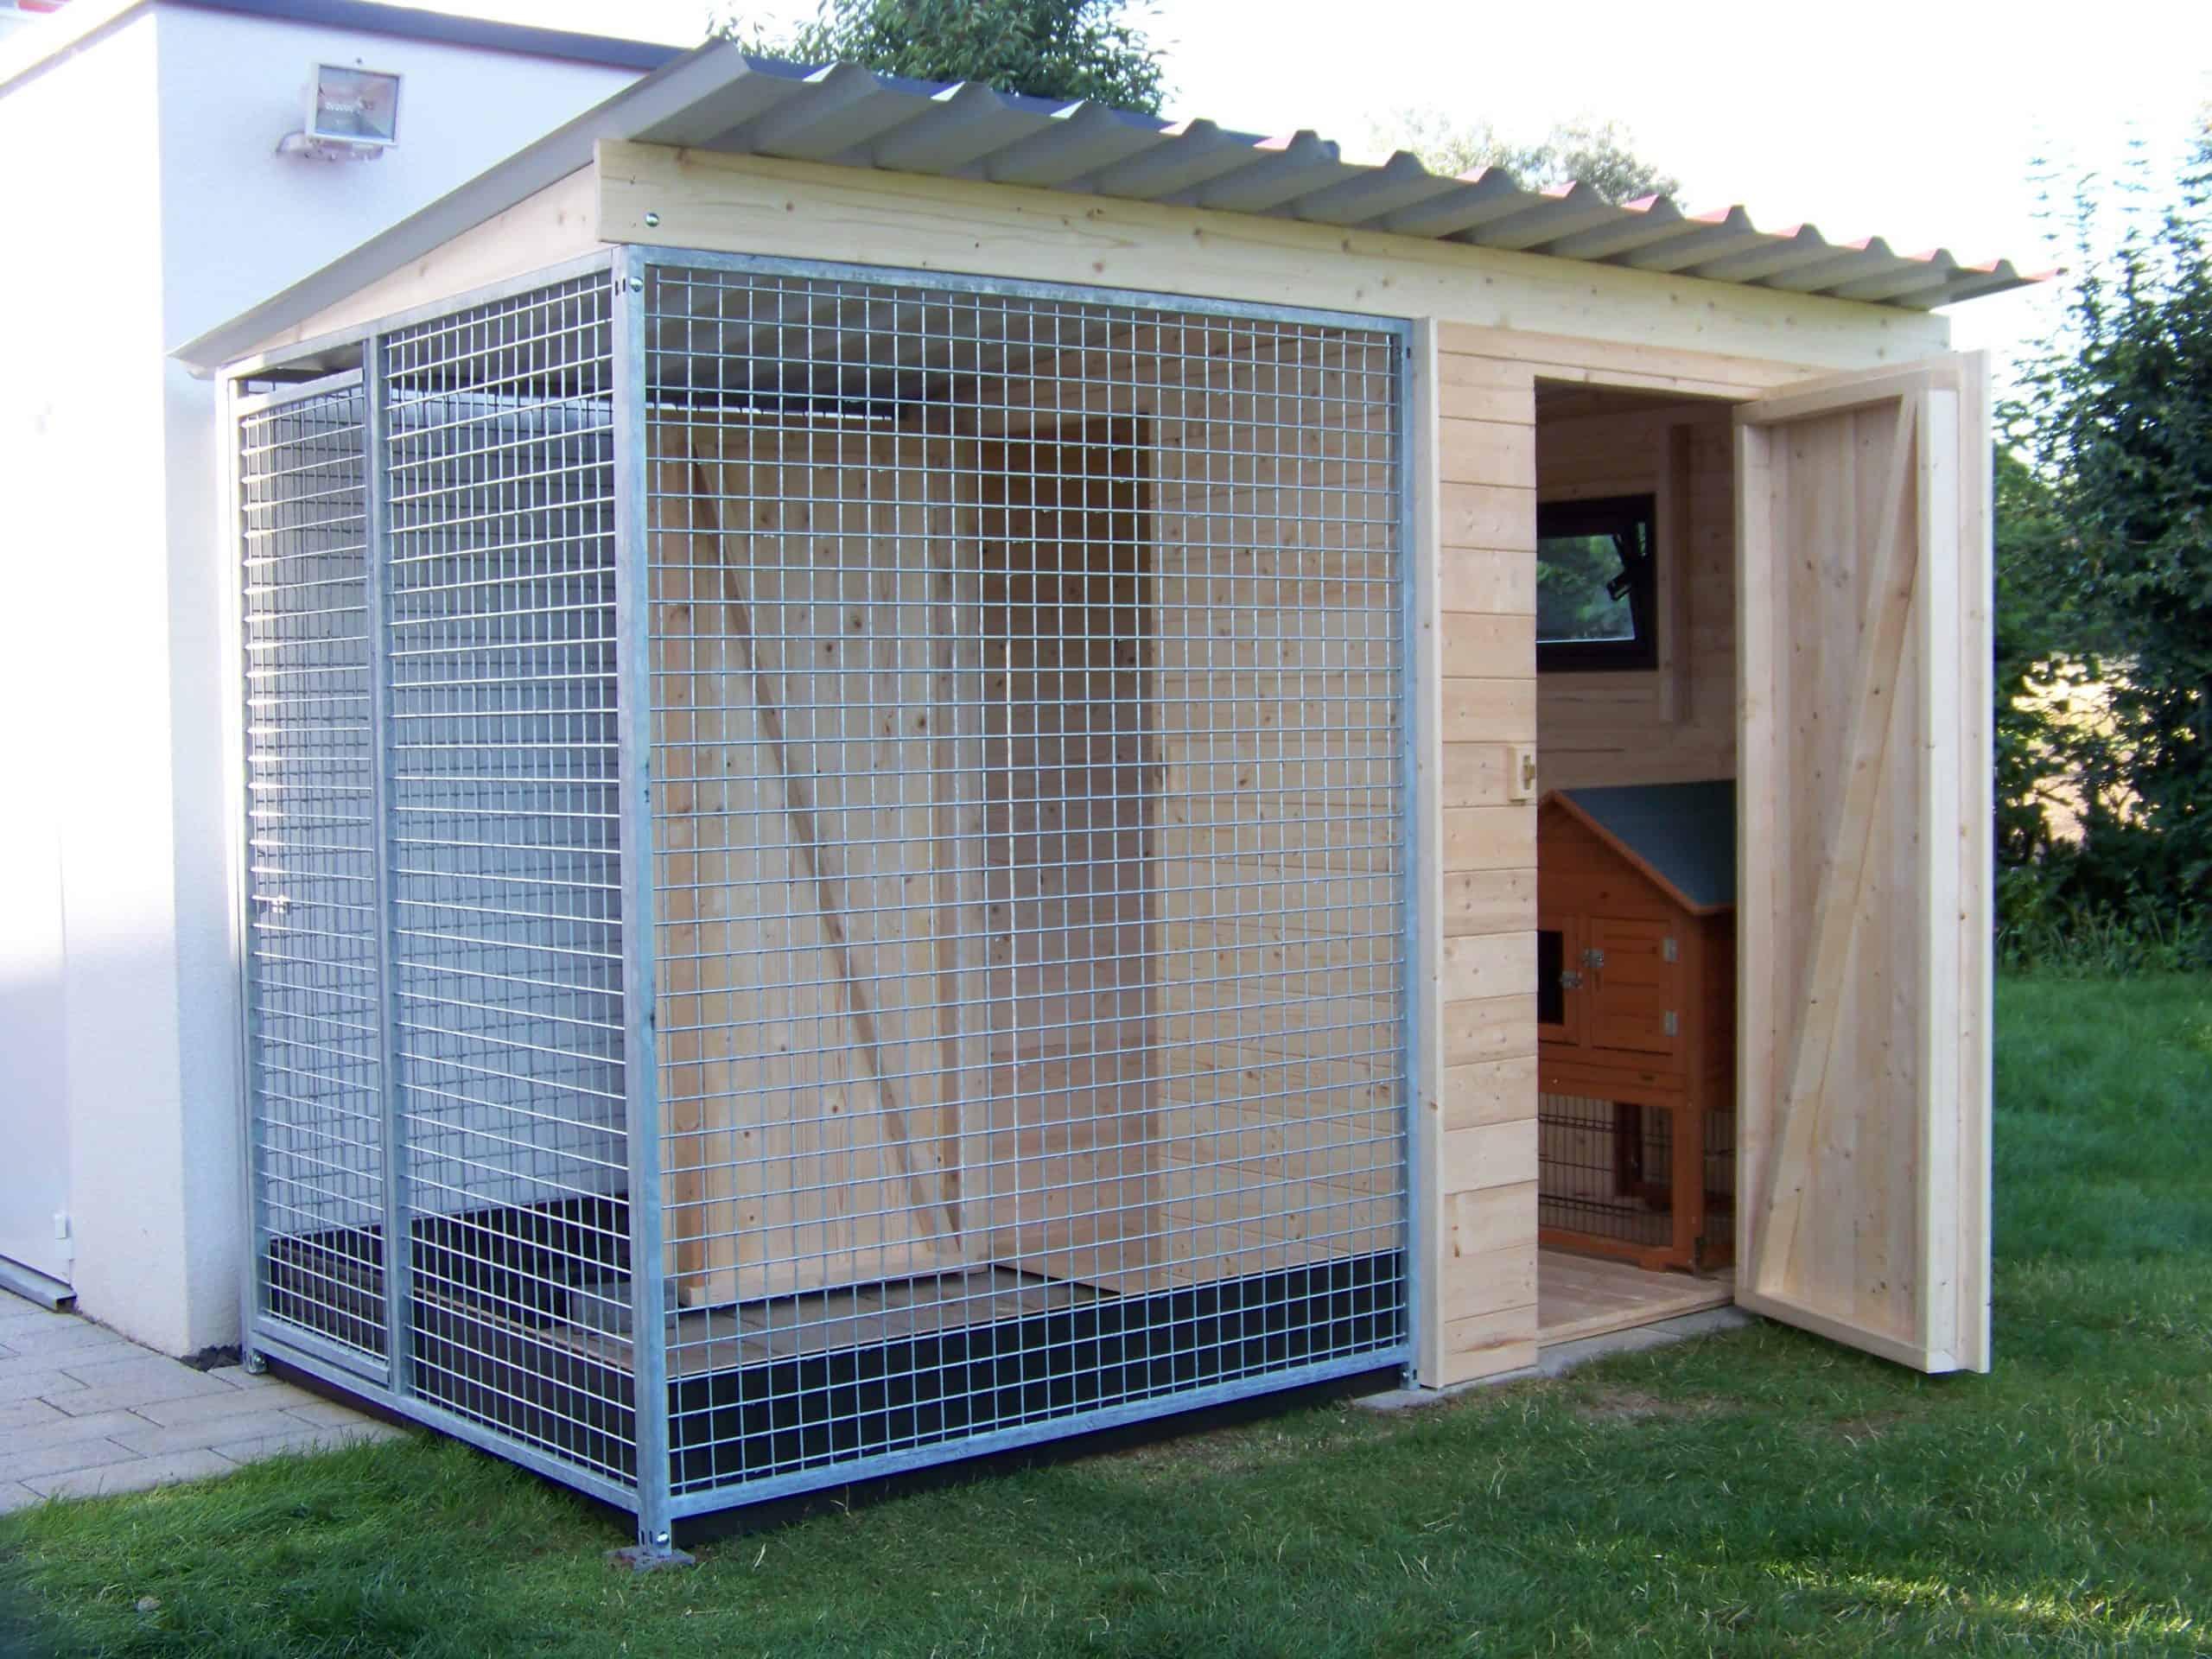 Kaninchenstall mit Auslauf und Anbauraum